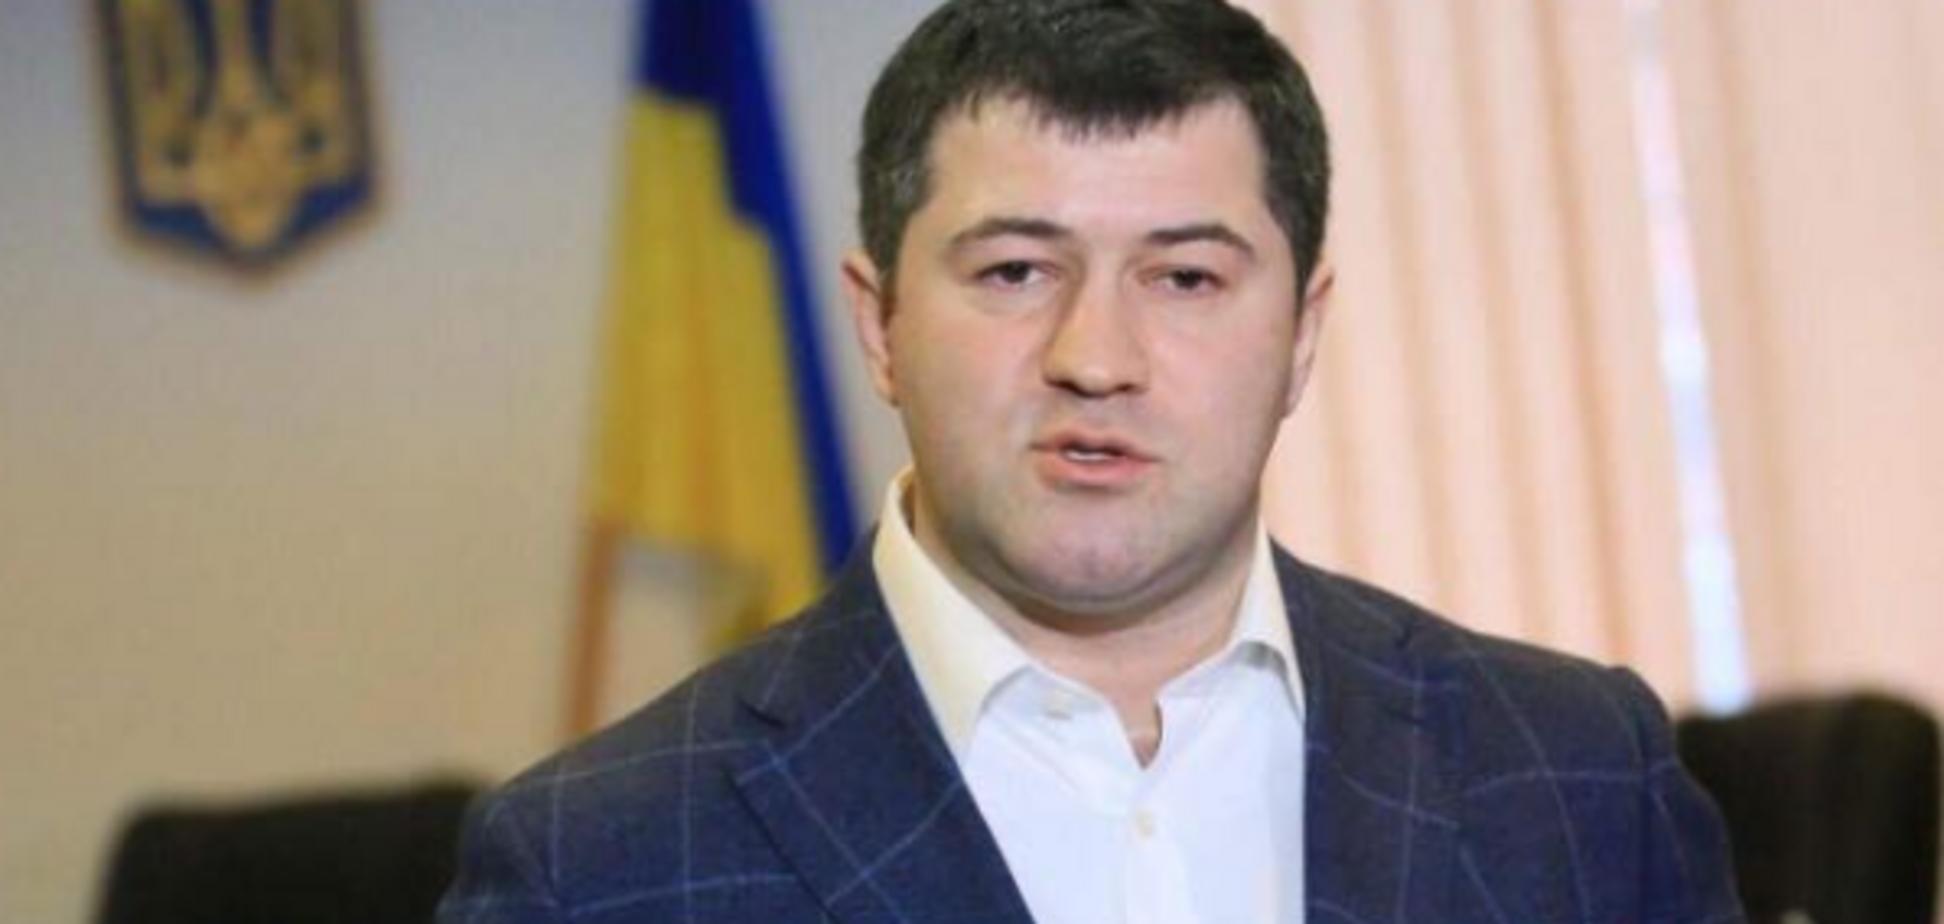 Насиров рассказал, кто затягивает рассмотрение его дела